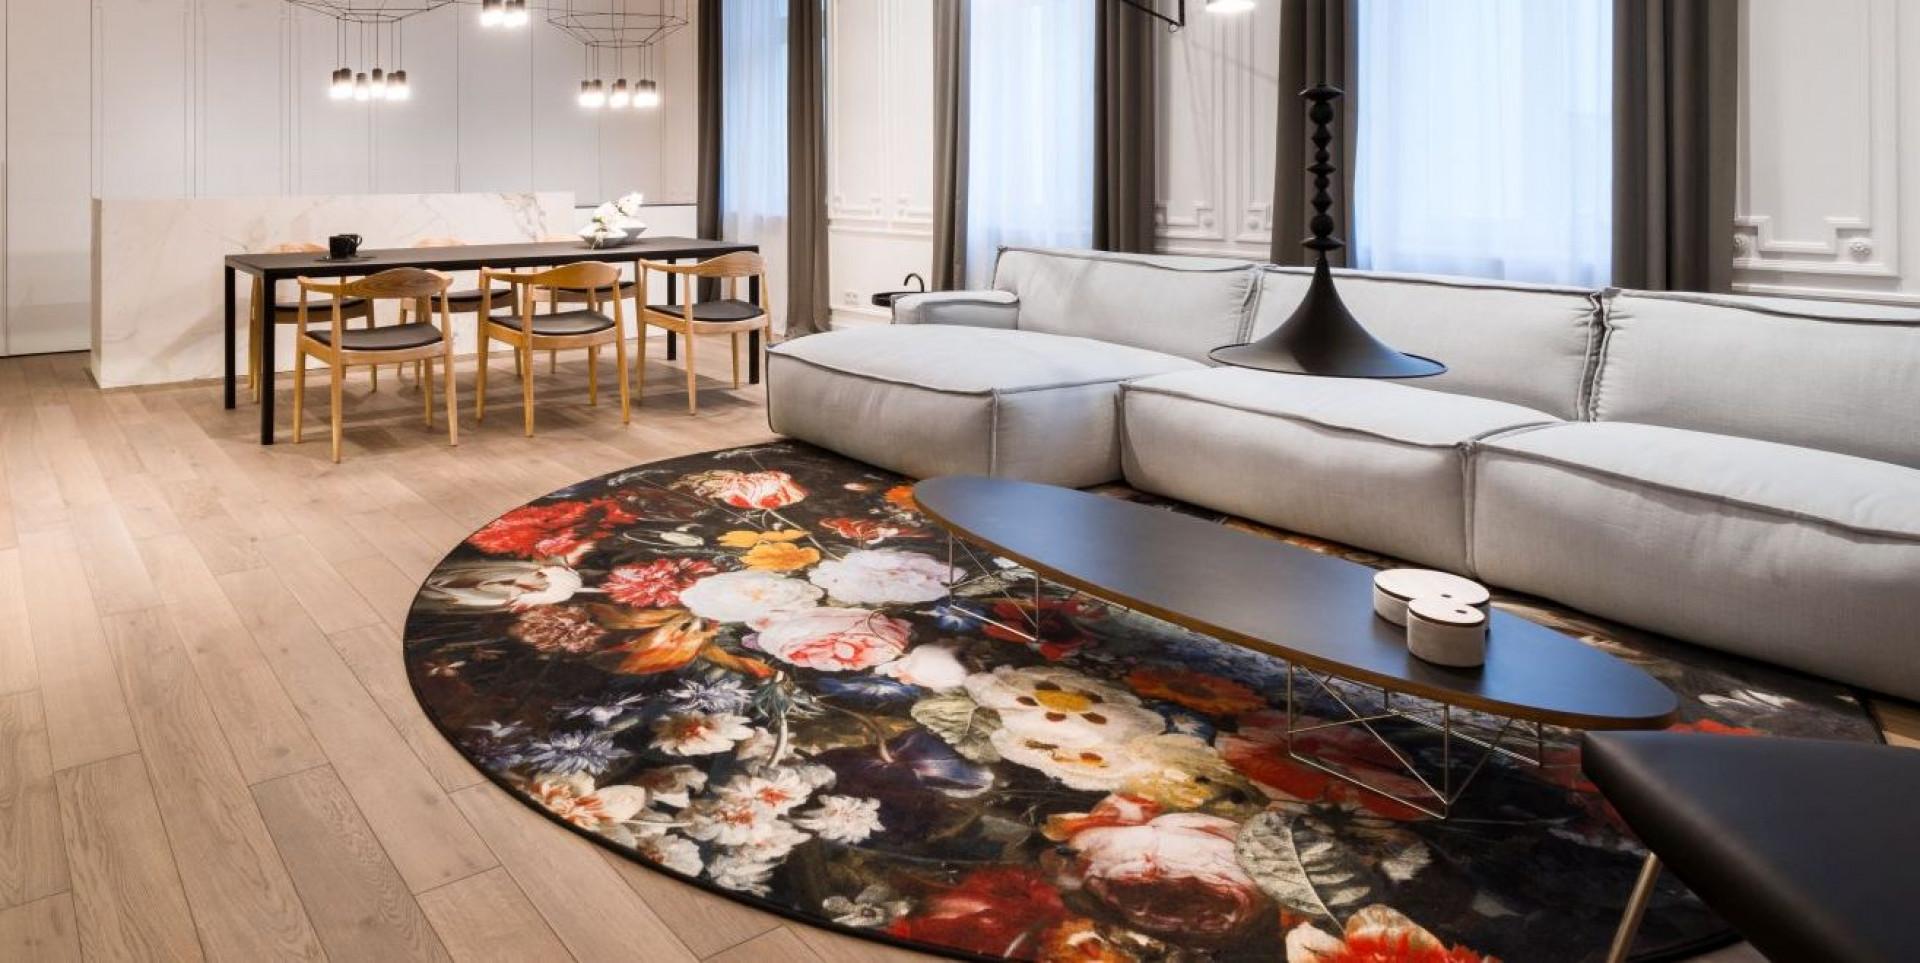 Sofa firmy Adriana Furniture w warszawskim mieszkaniu. Projekt Agnieszka Komorowska-Różycka